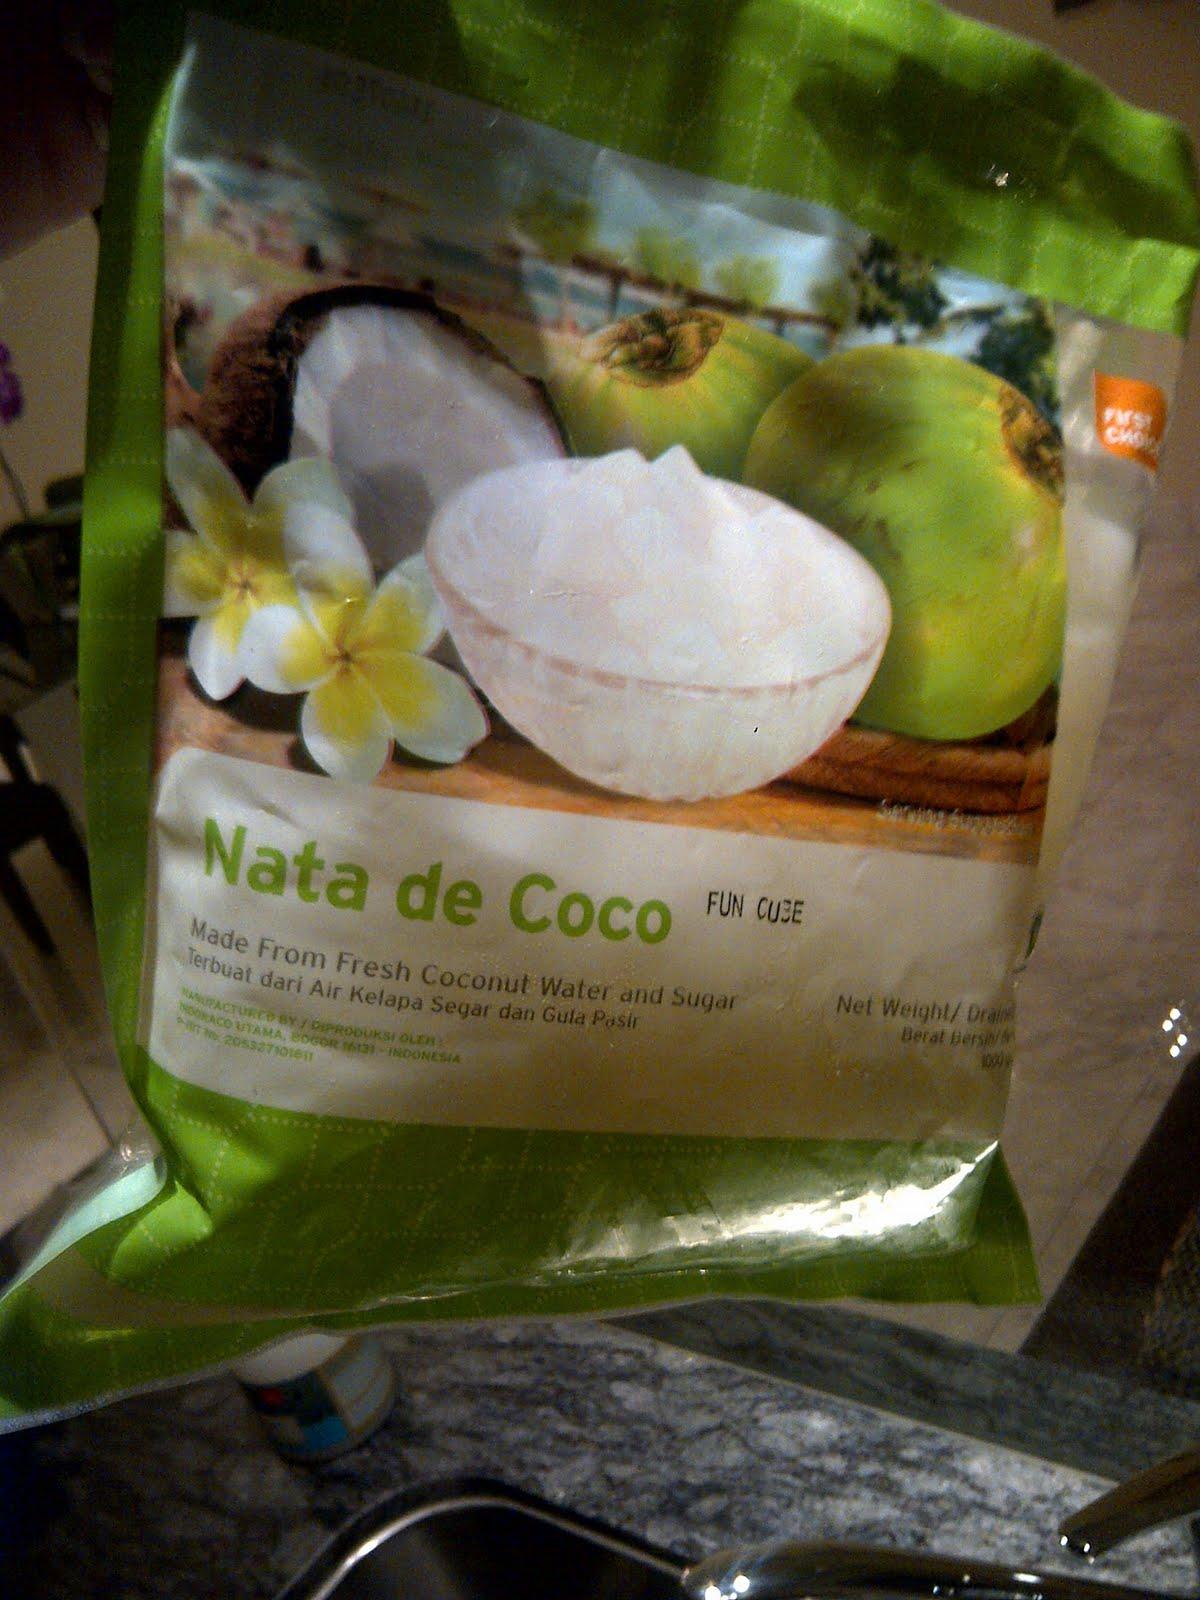 jubes nata de coco how to eat